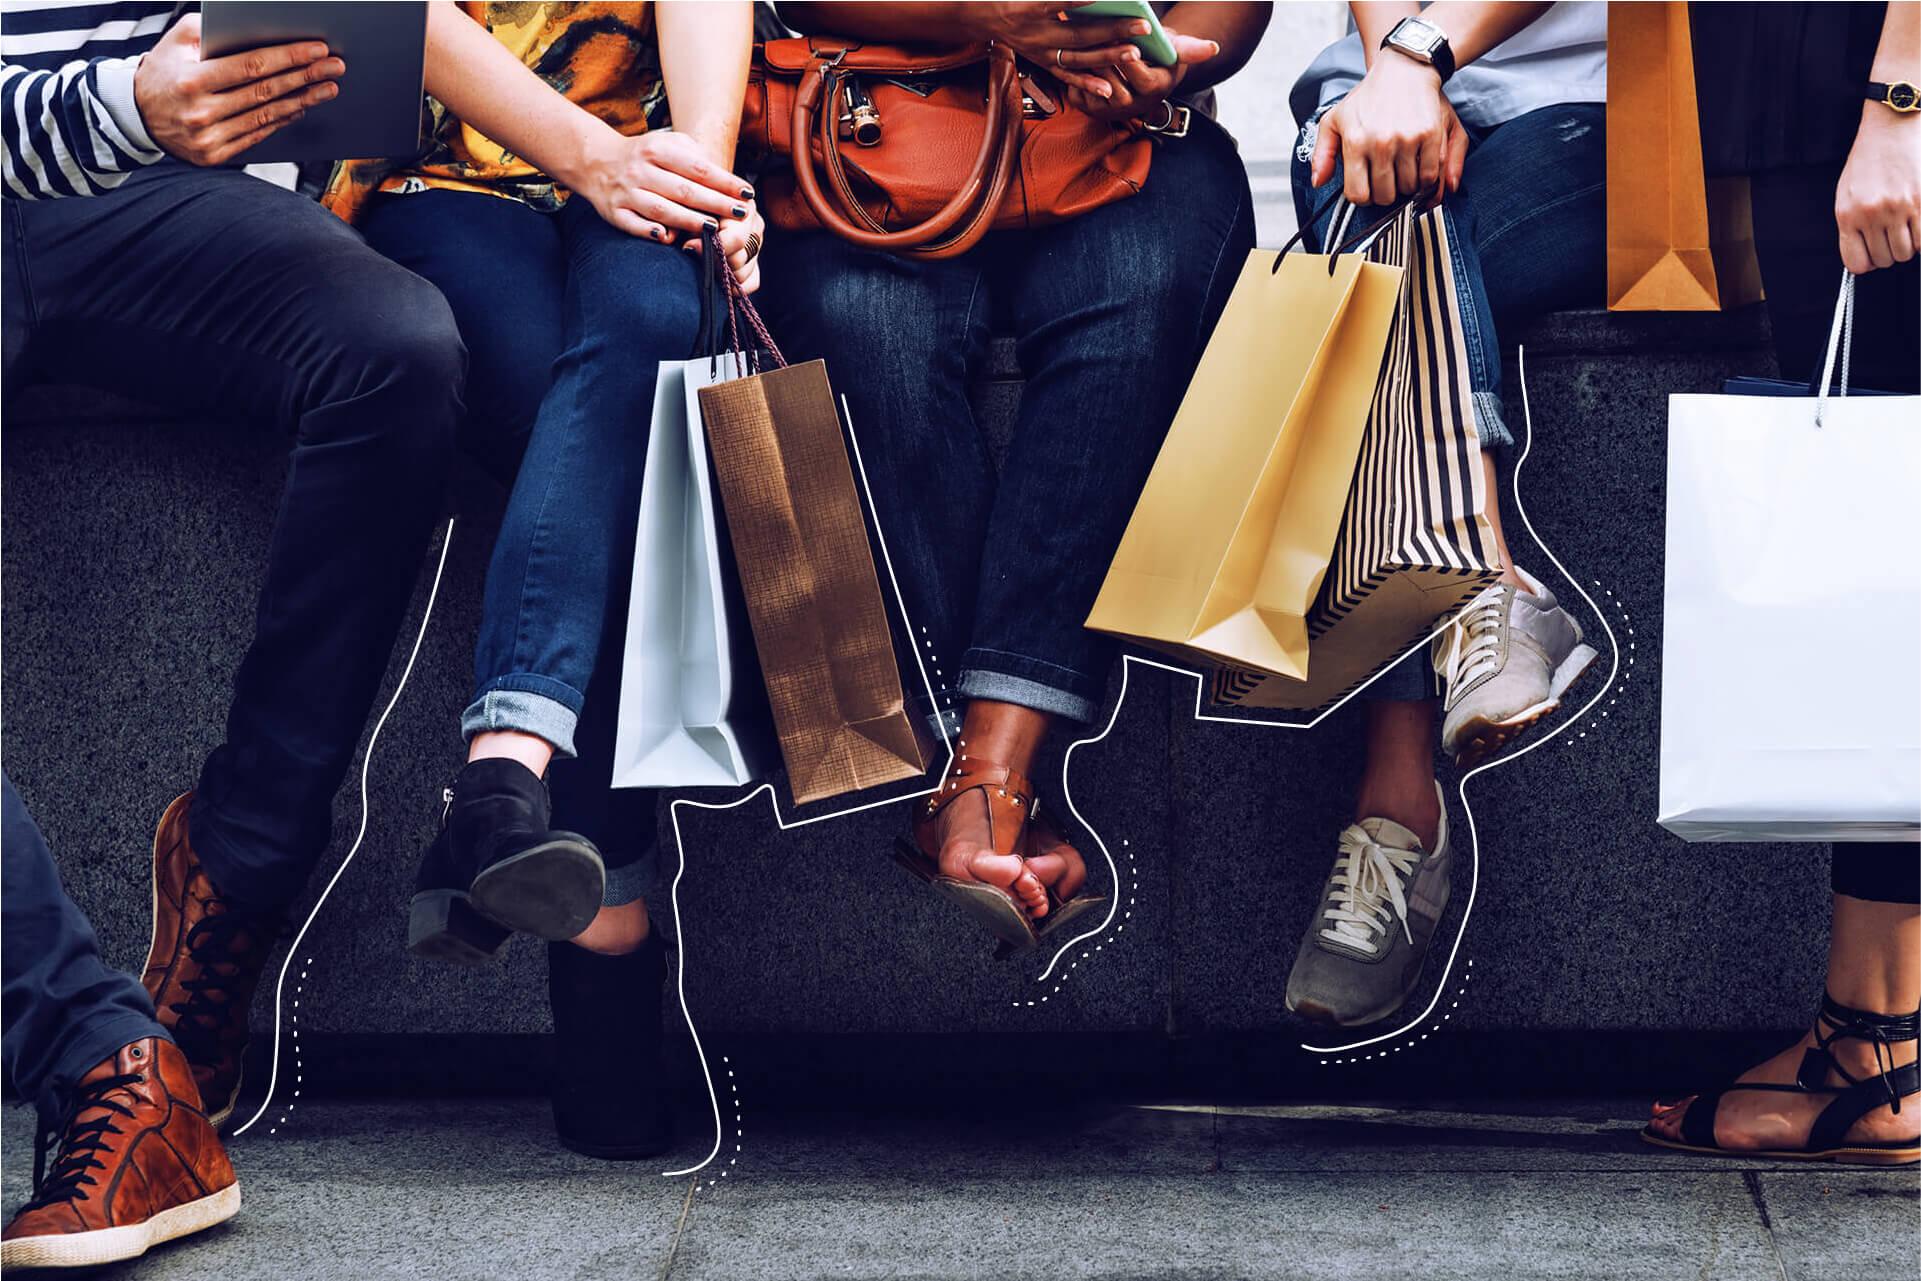 Menschengruppe mit Einkaufstaschen lässt die Füße baumeln | eggheads.net